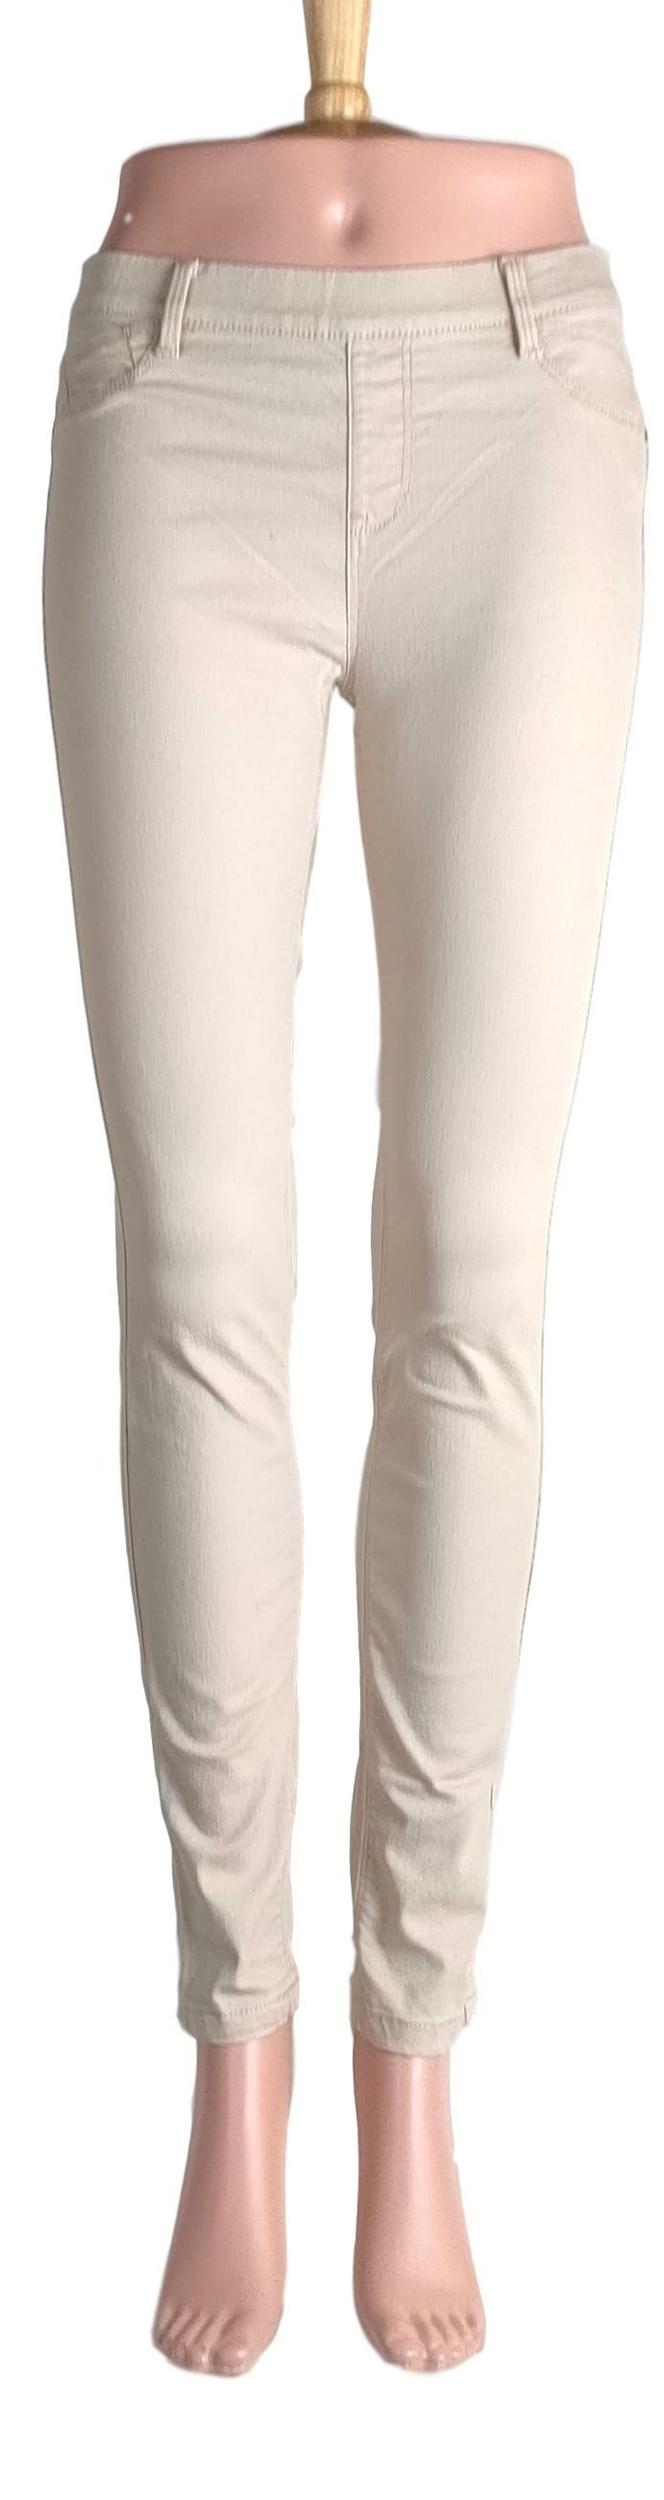 Pantalon Camaïeu - Taille 36